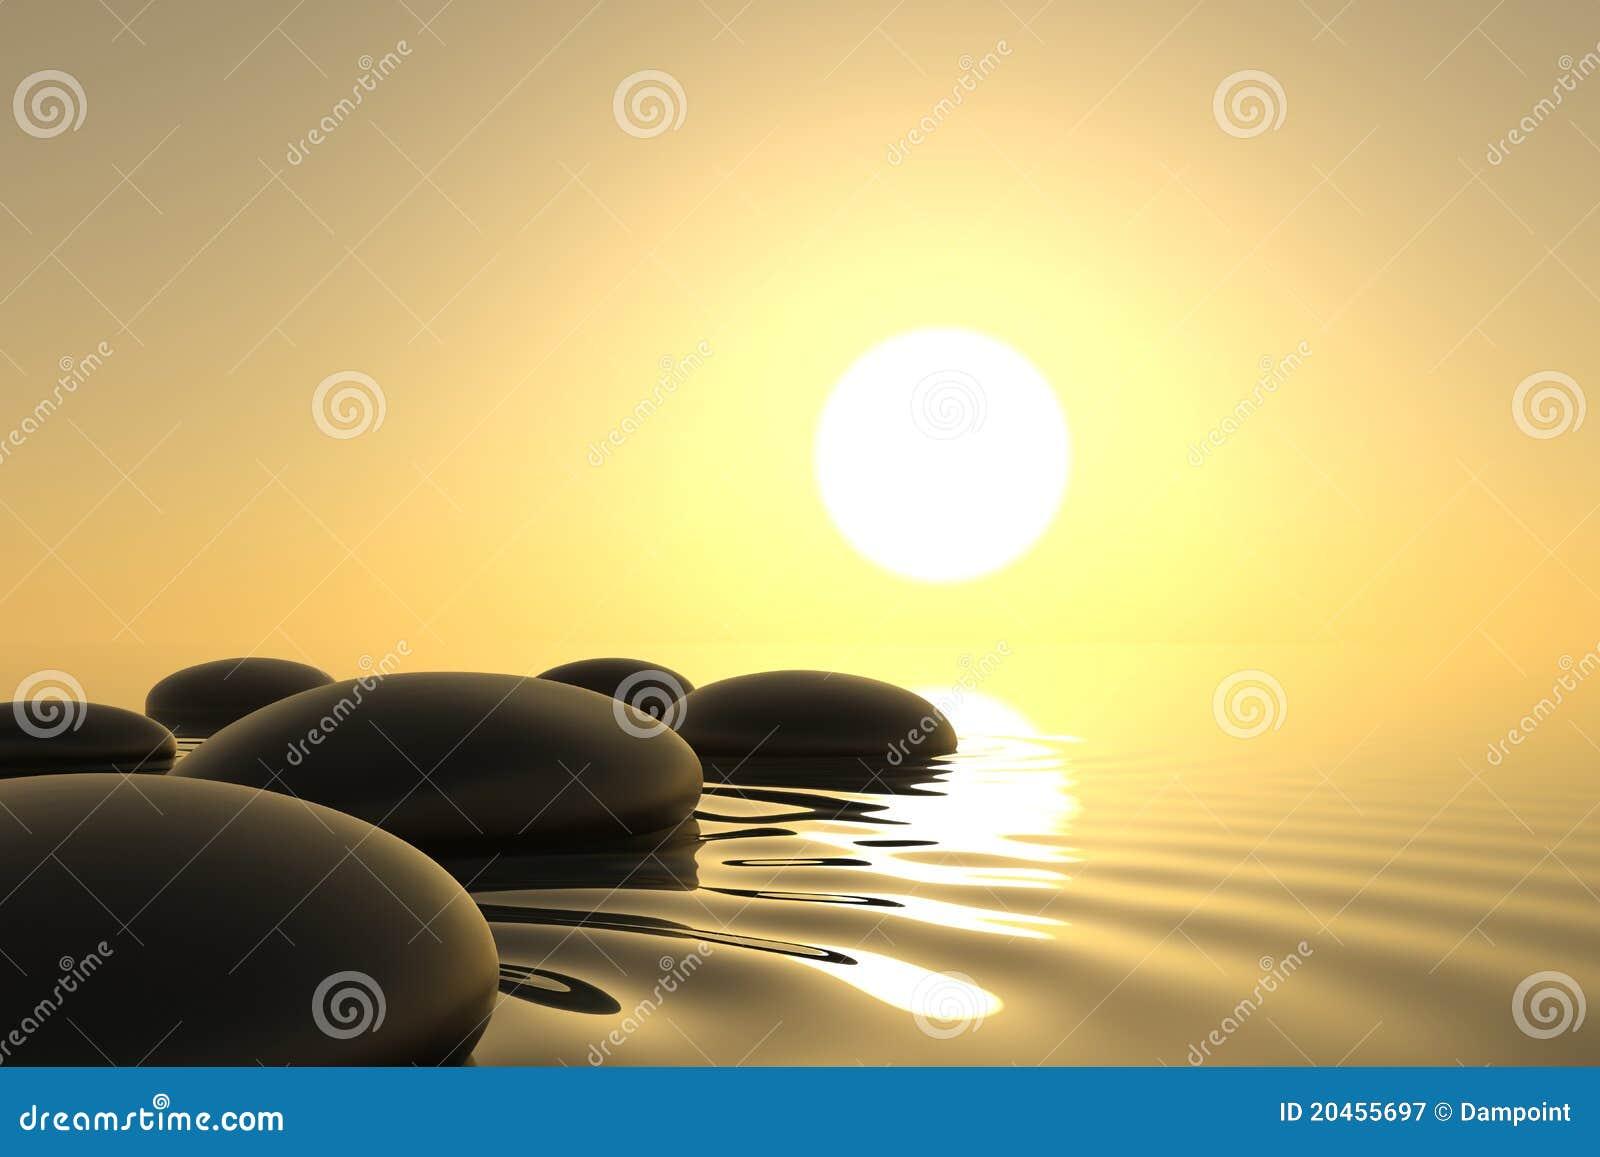 Piedras del zen en agua en el fondo blanco stock de for Fotos piedras zen